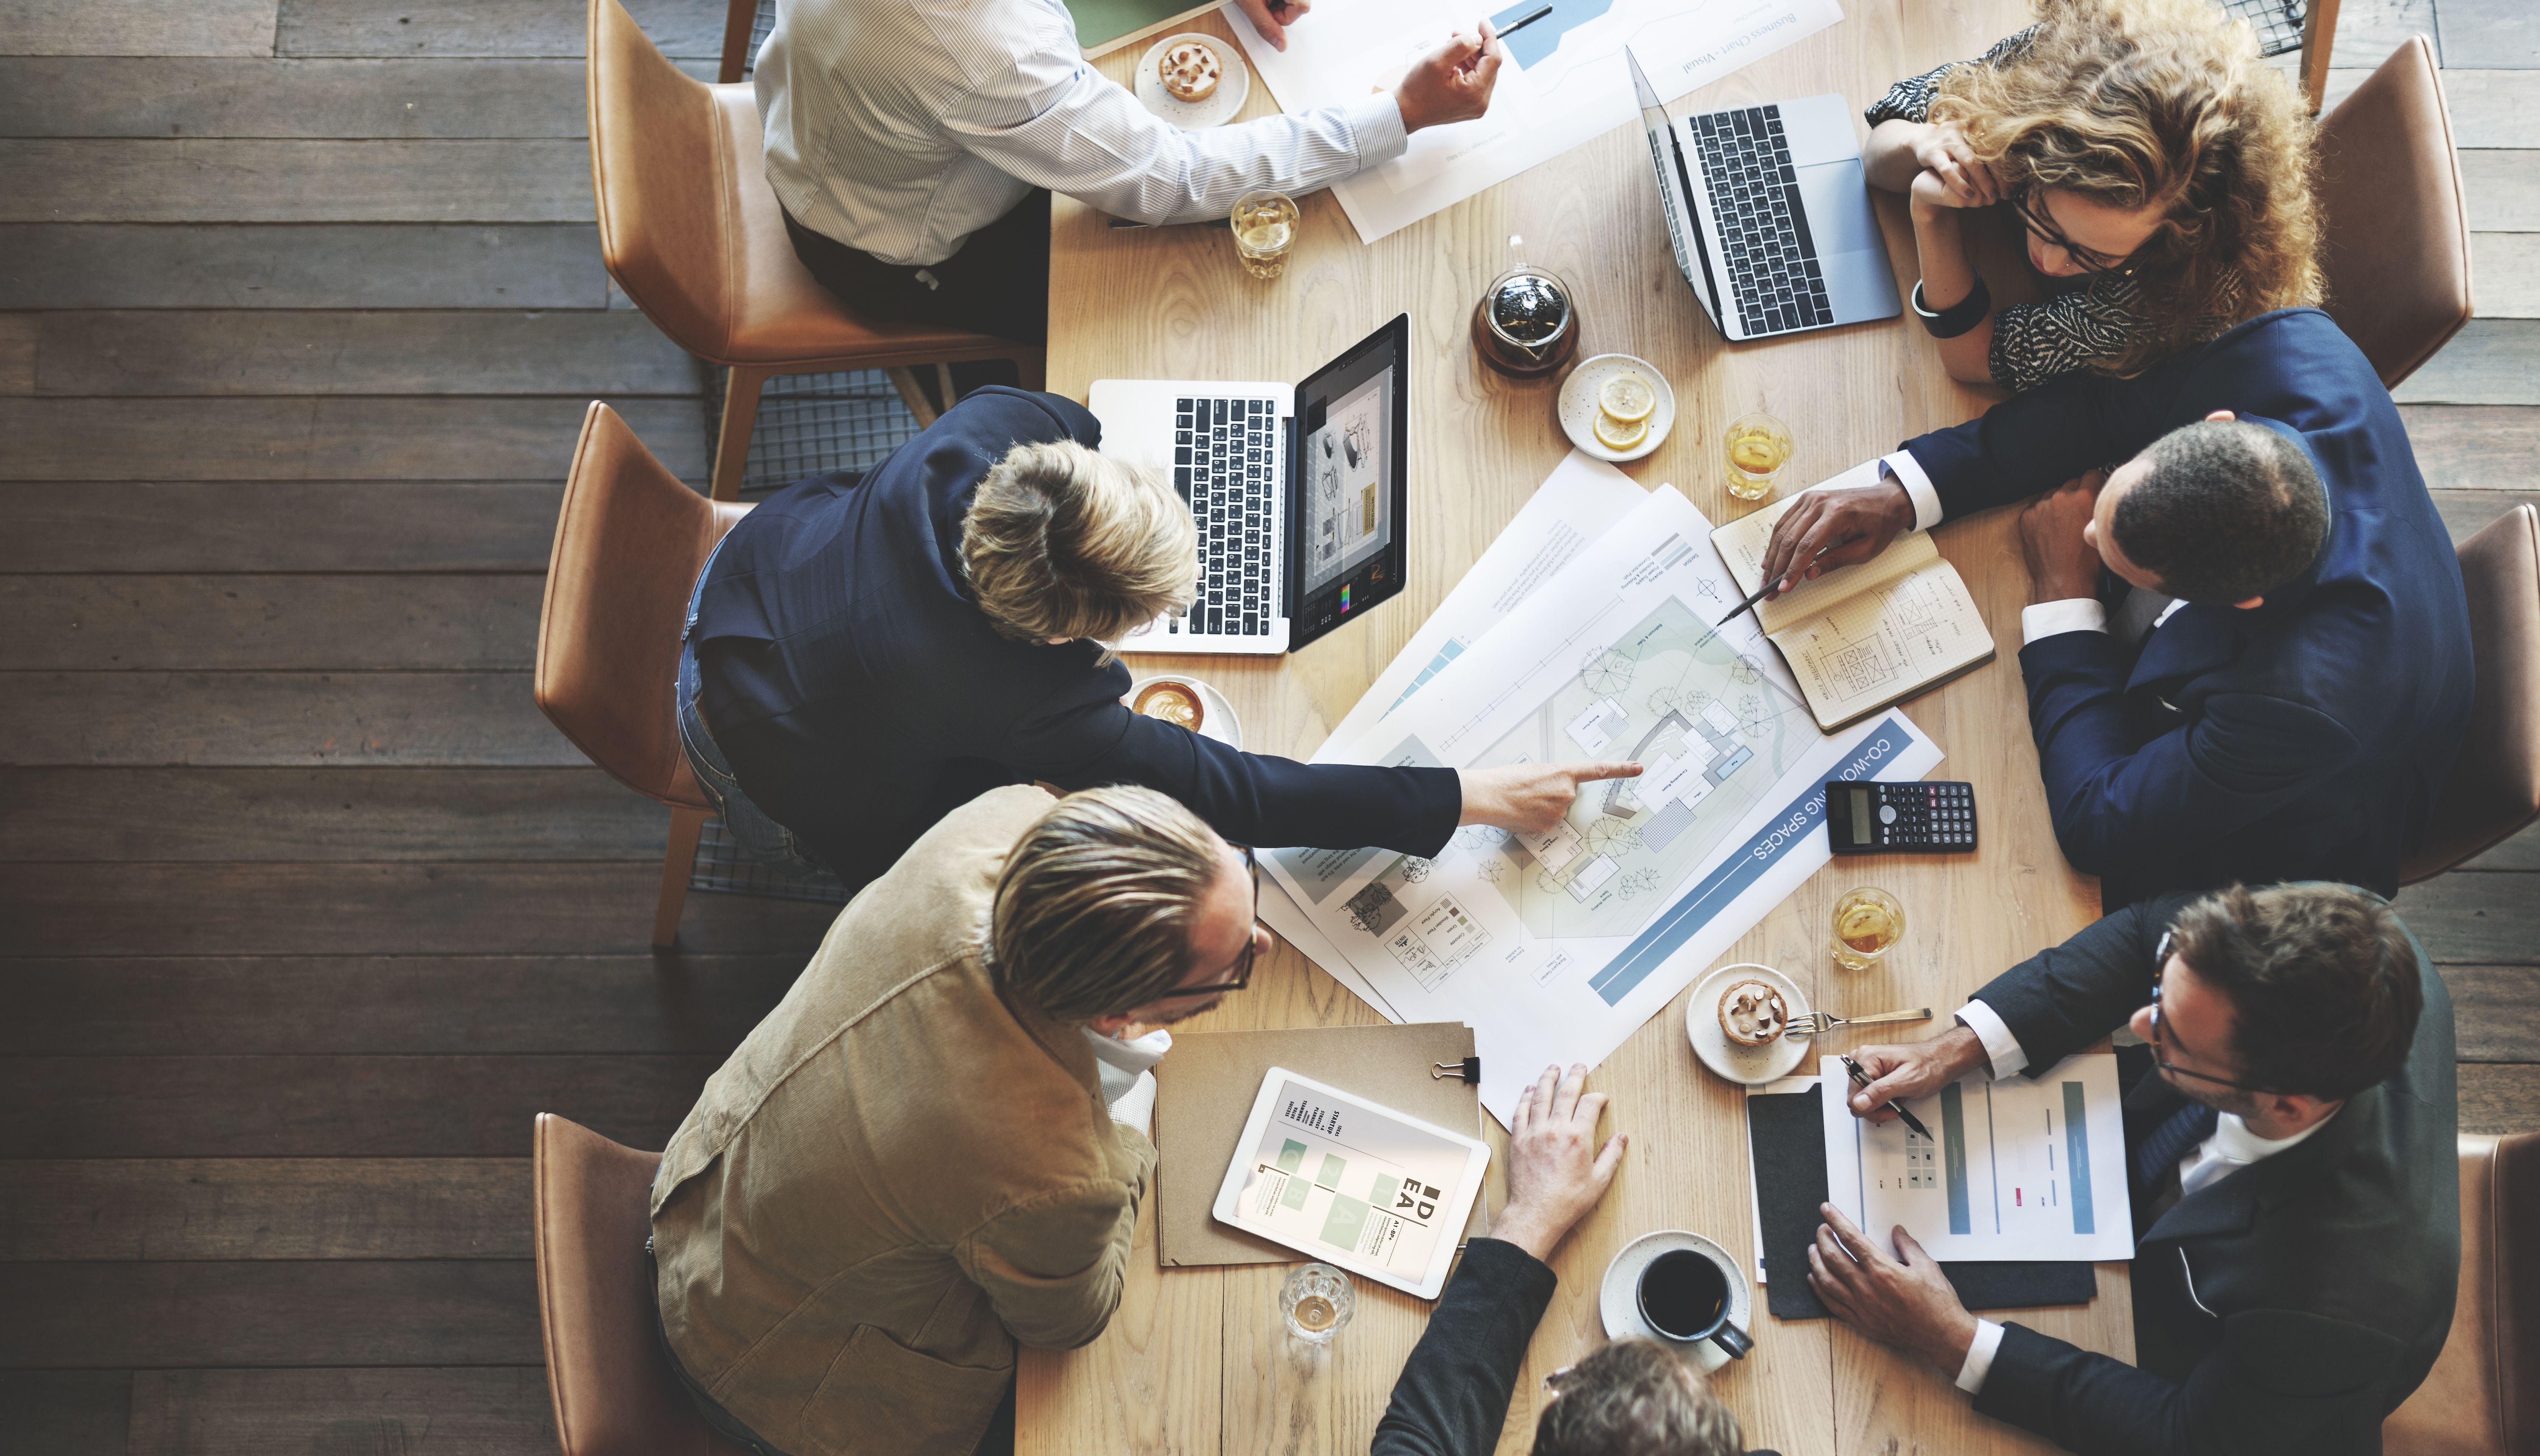 Give effective feedback to increase employee performance